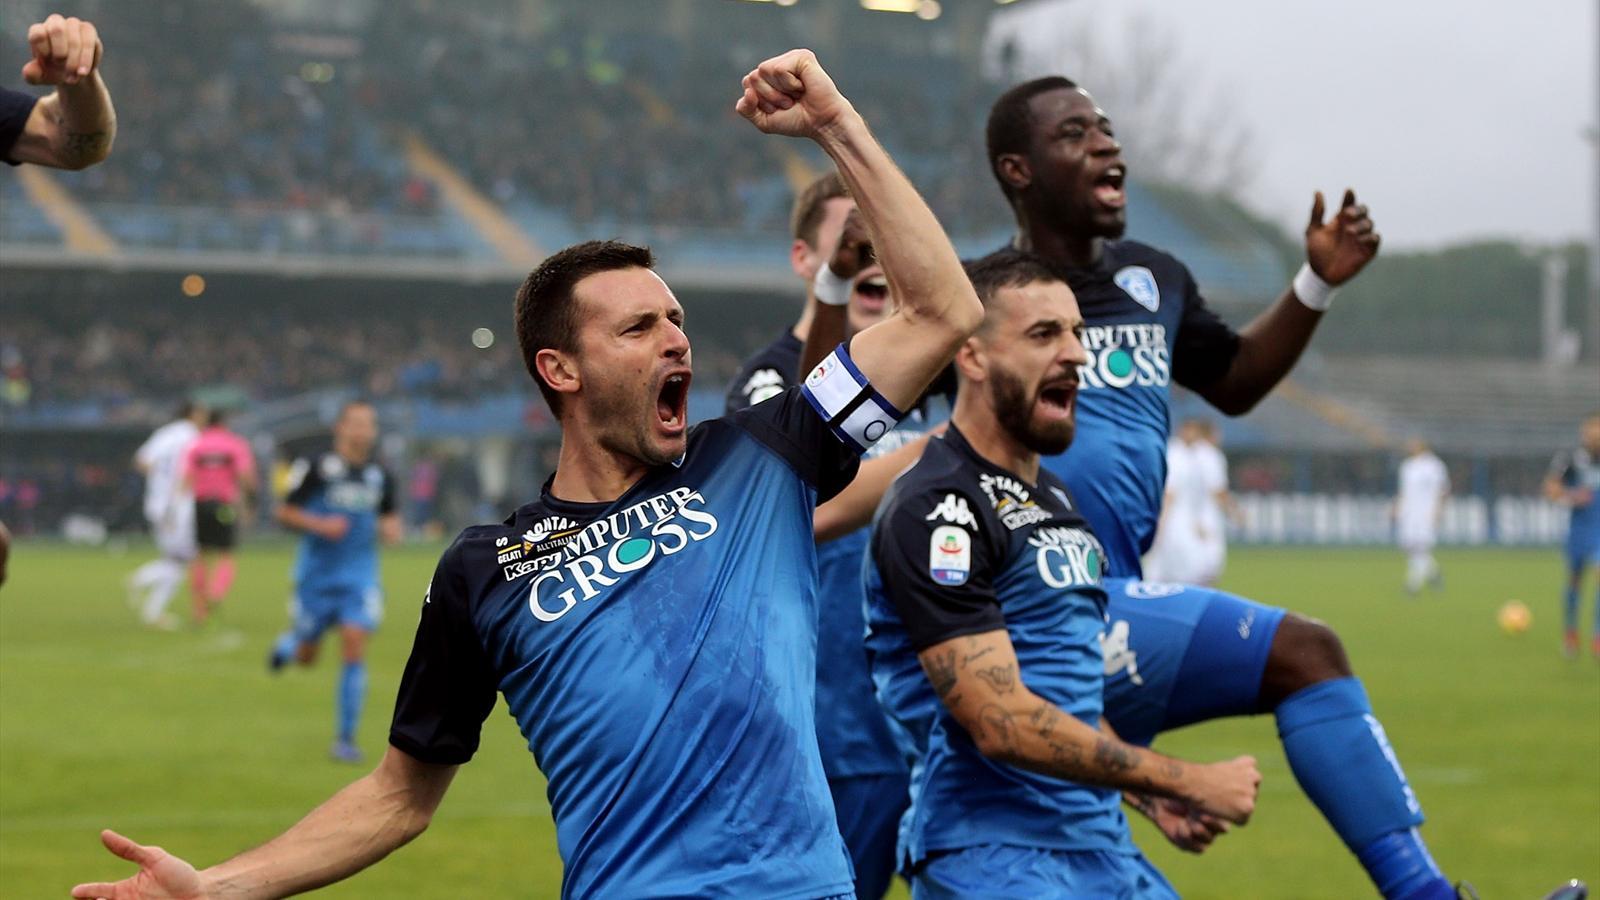 Le pagelle di Empoli-Sassuolo 3-0: grande prova della banda di ...